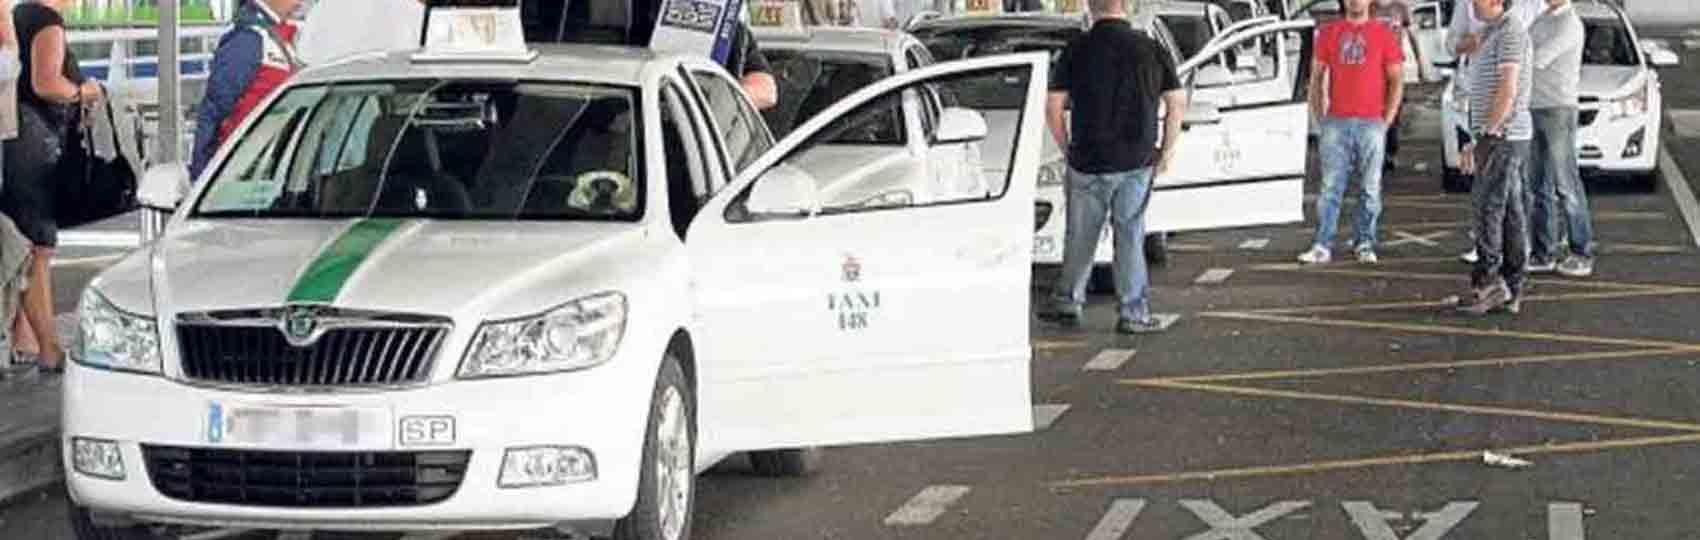 Noticias del sector del taxi y la movilidad en Elche. Mantente informado de todas las noticias del taxi de Elche en el grupo de Facebook de Todo Taxi.